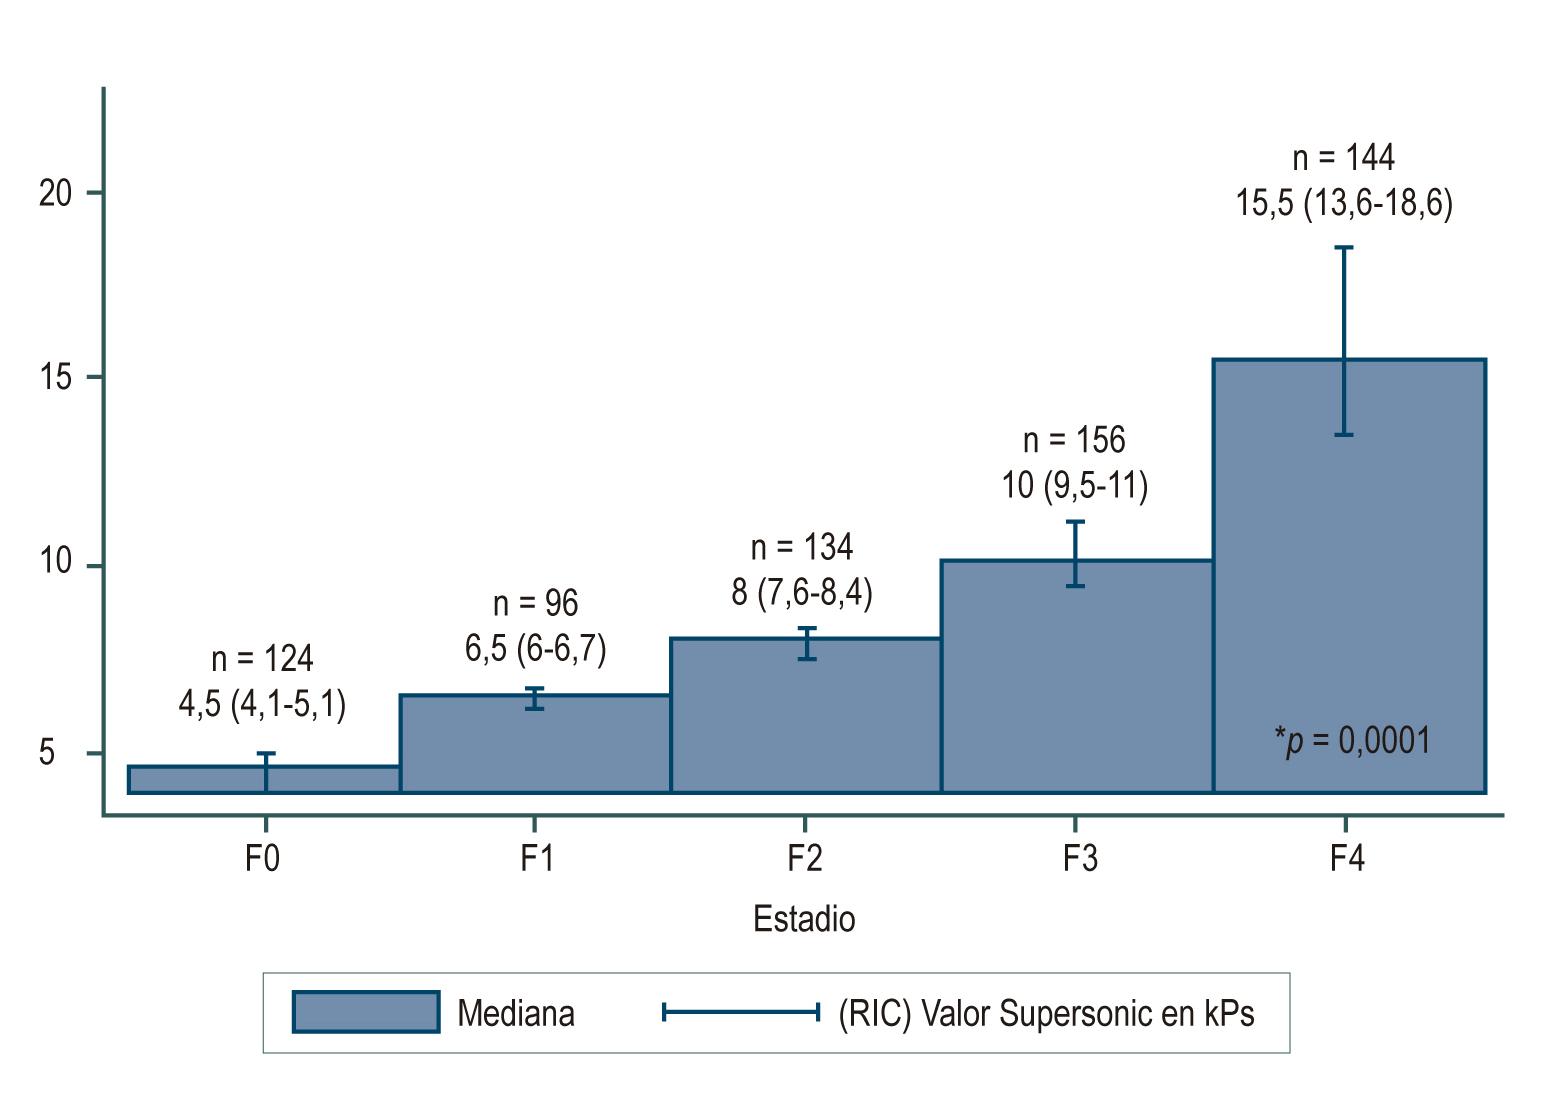 Figura 1. Estadios de fibrosis obtenidos con el Supersonic